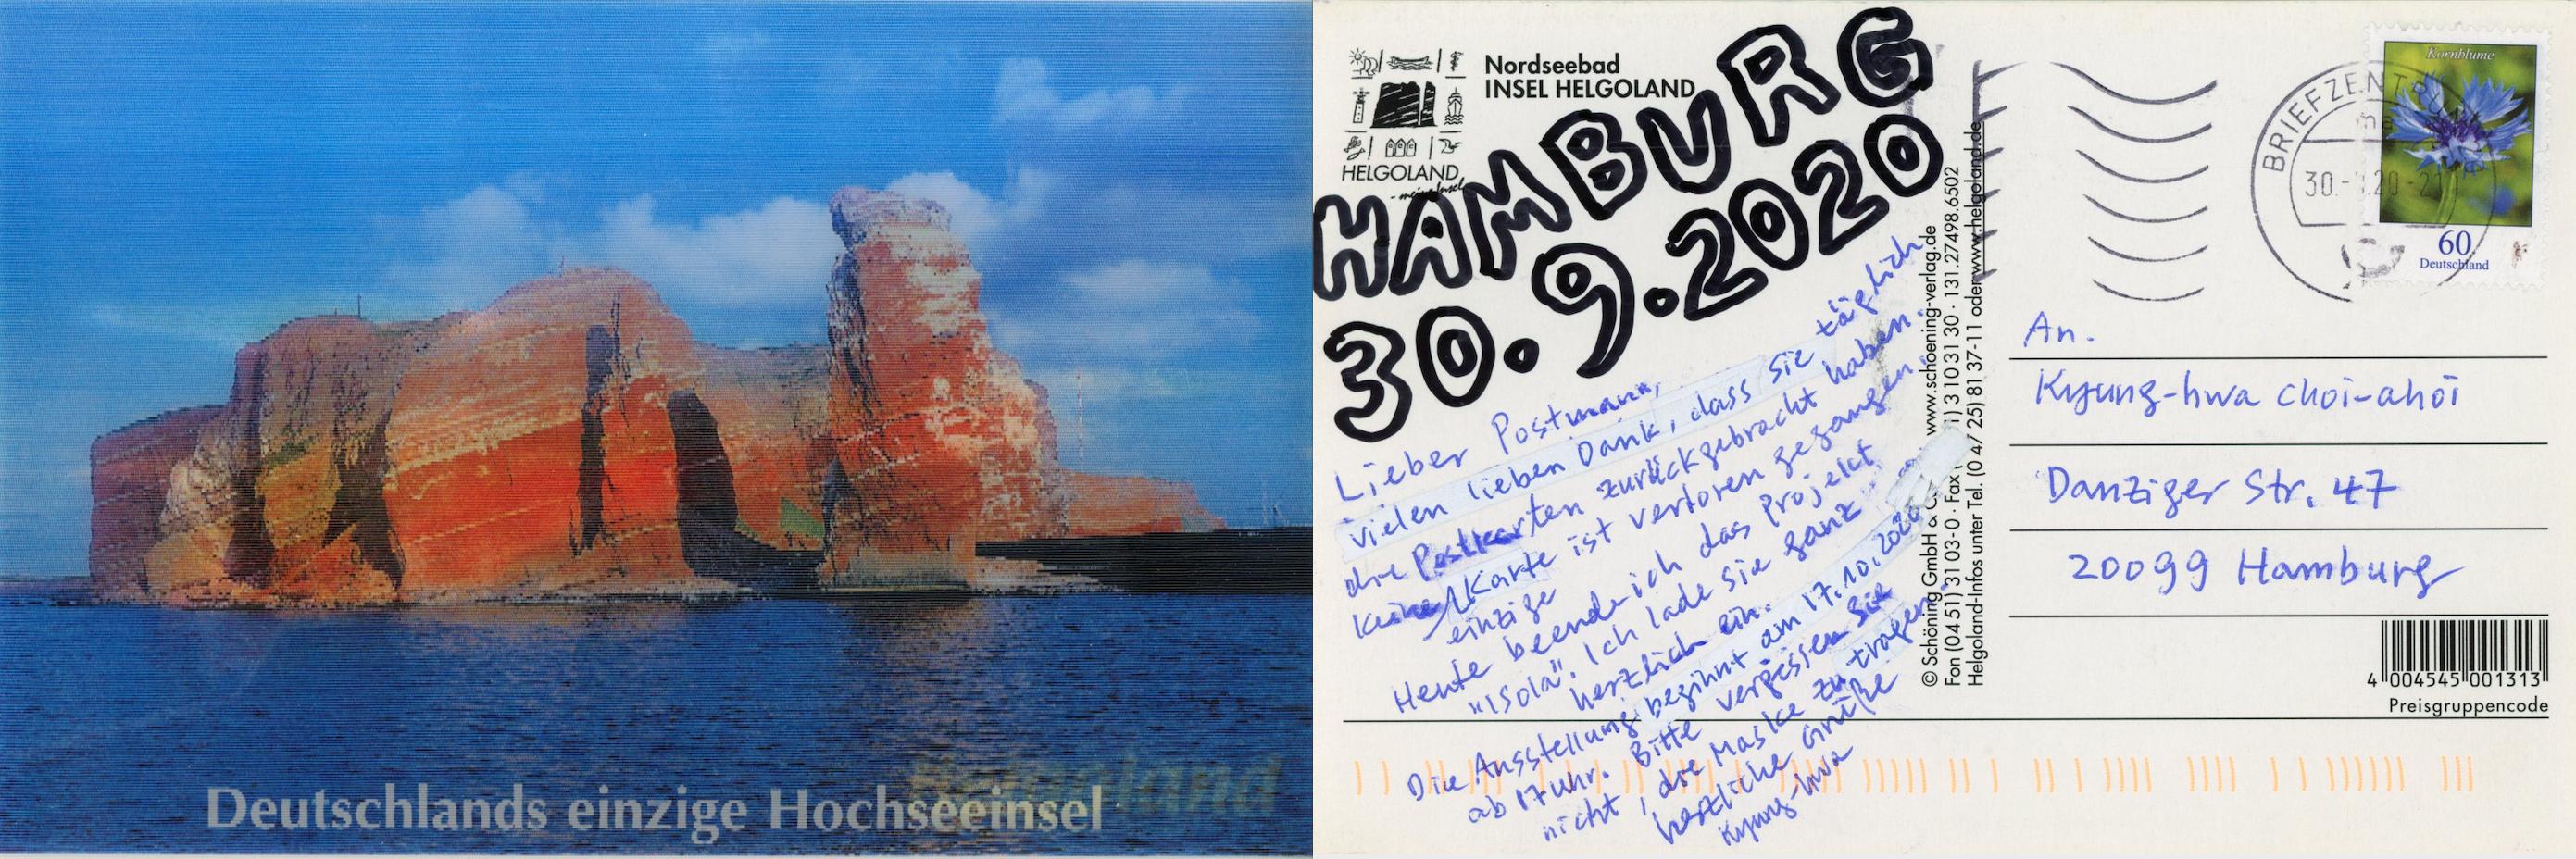 Kyung-hwa Choi-ahoi, Isola, MailArt Projekt mit 37 Ansichtskarten, 30. 9. 2020, Mischtechnik auf Postkarte, 15 x 10 cm